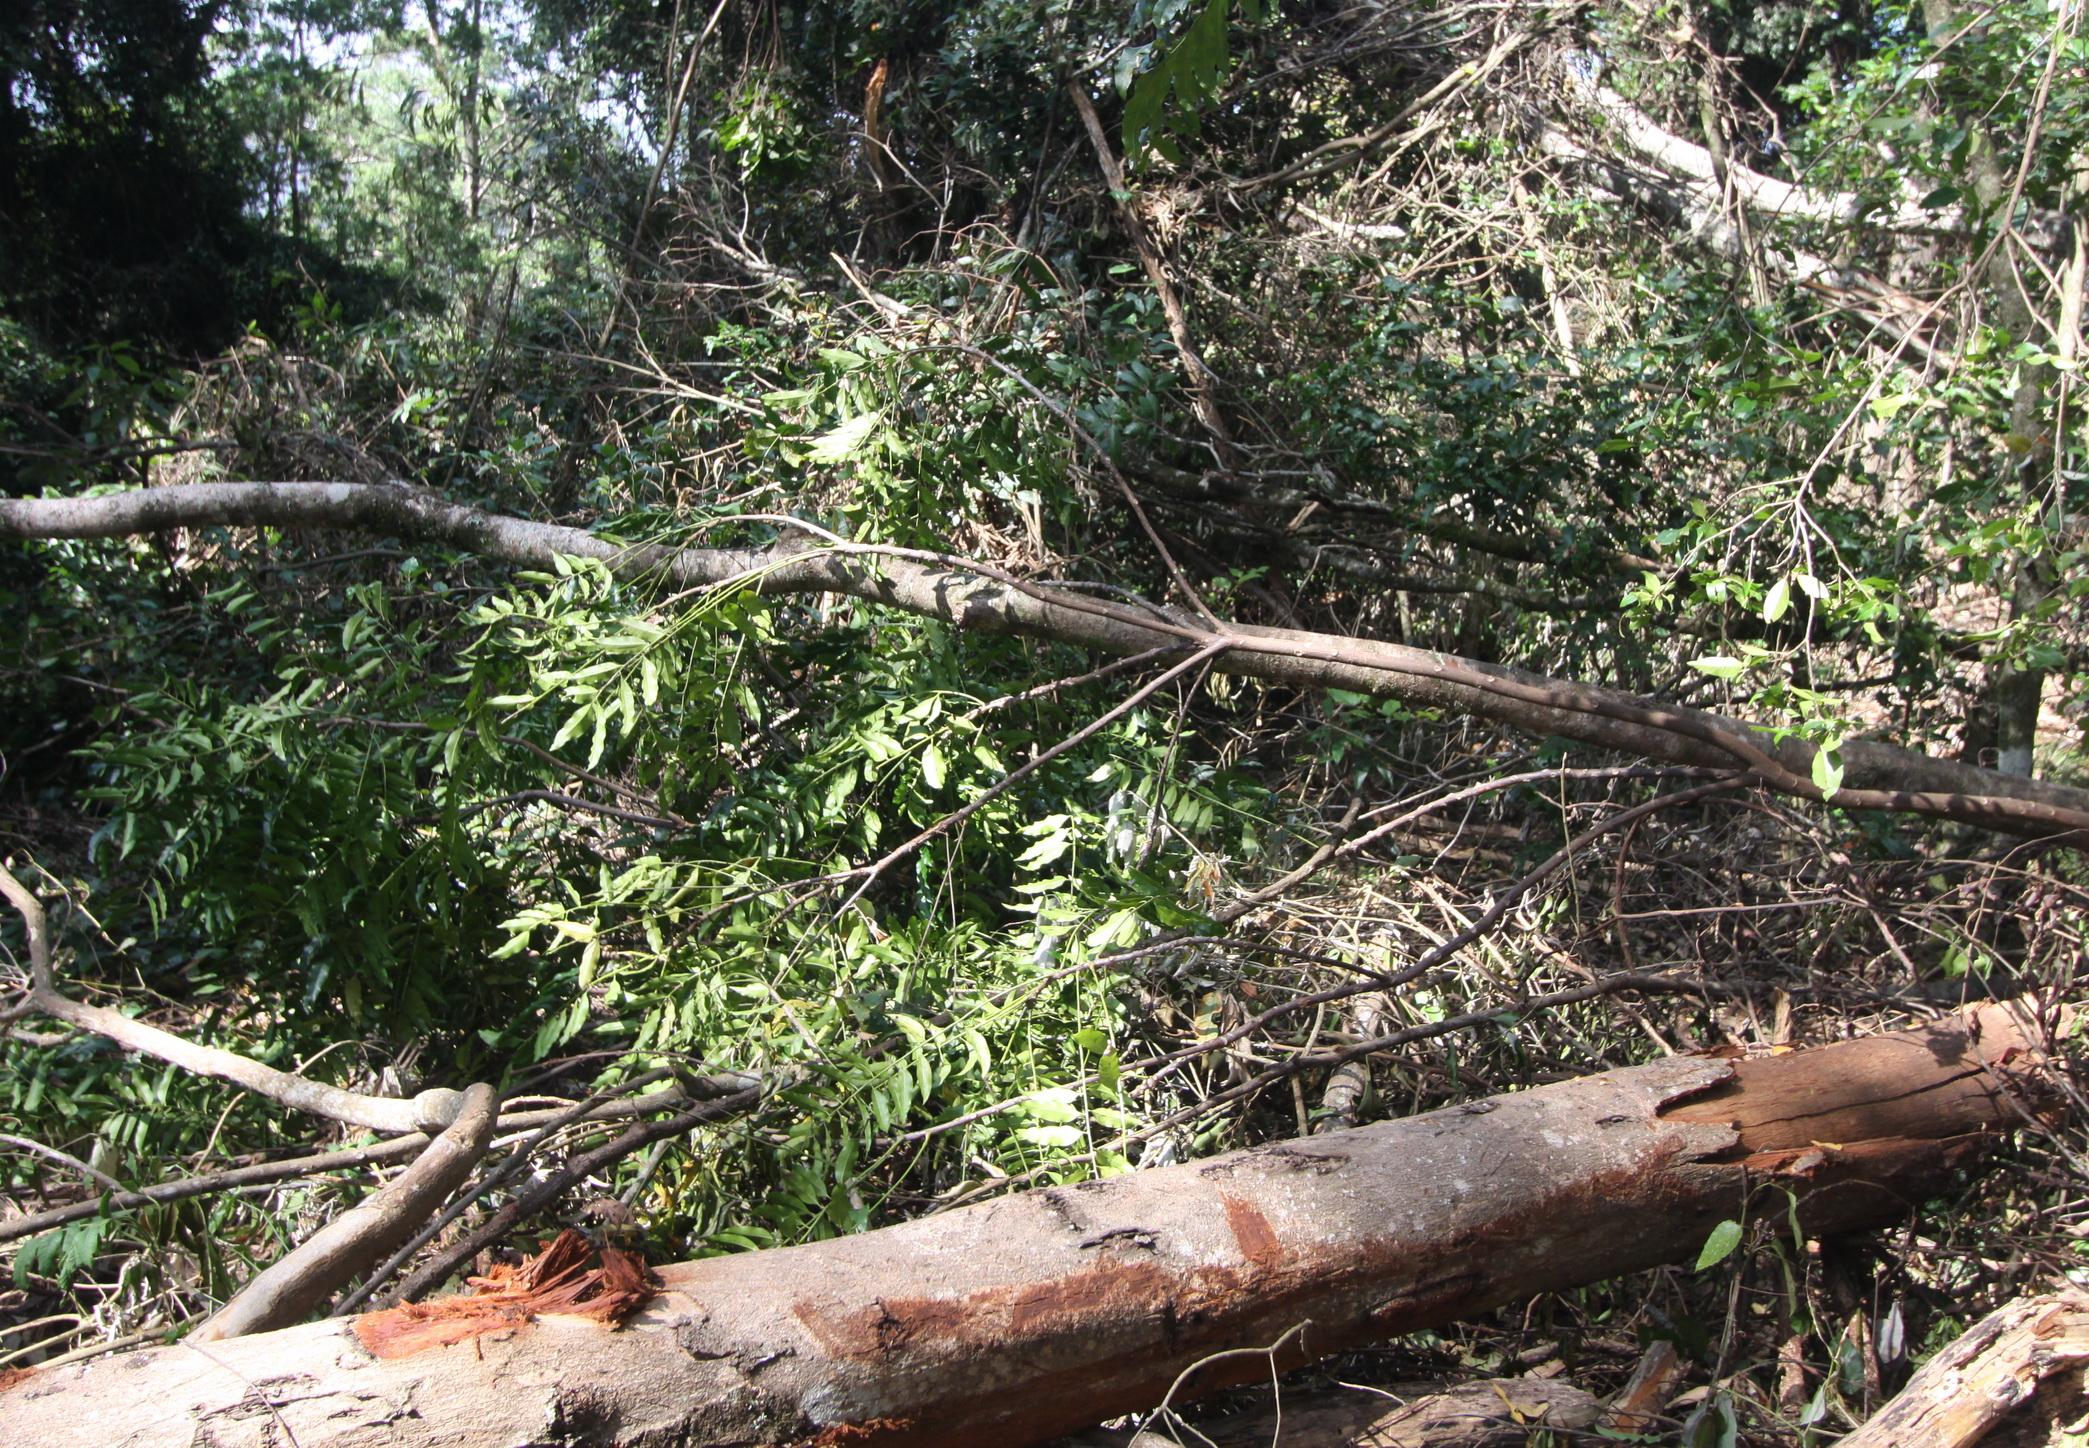 Onion Cedar debris